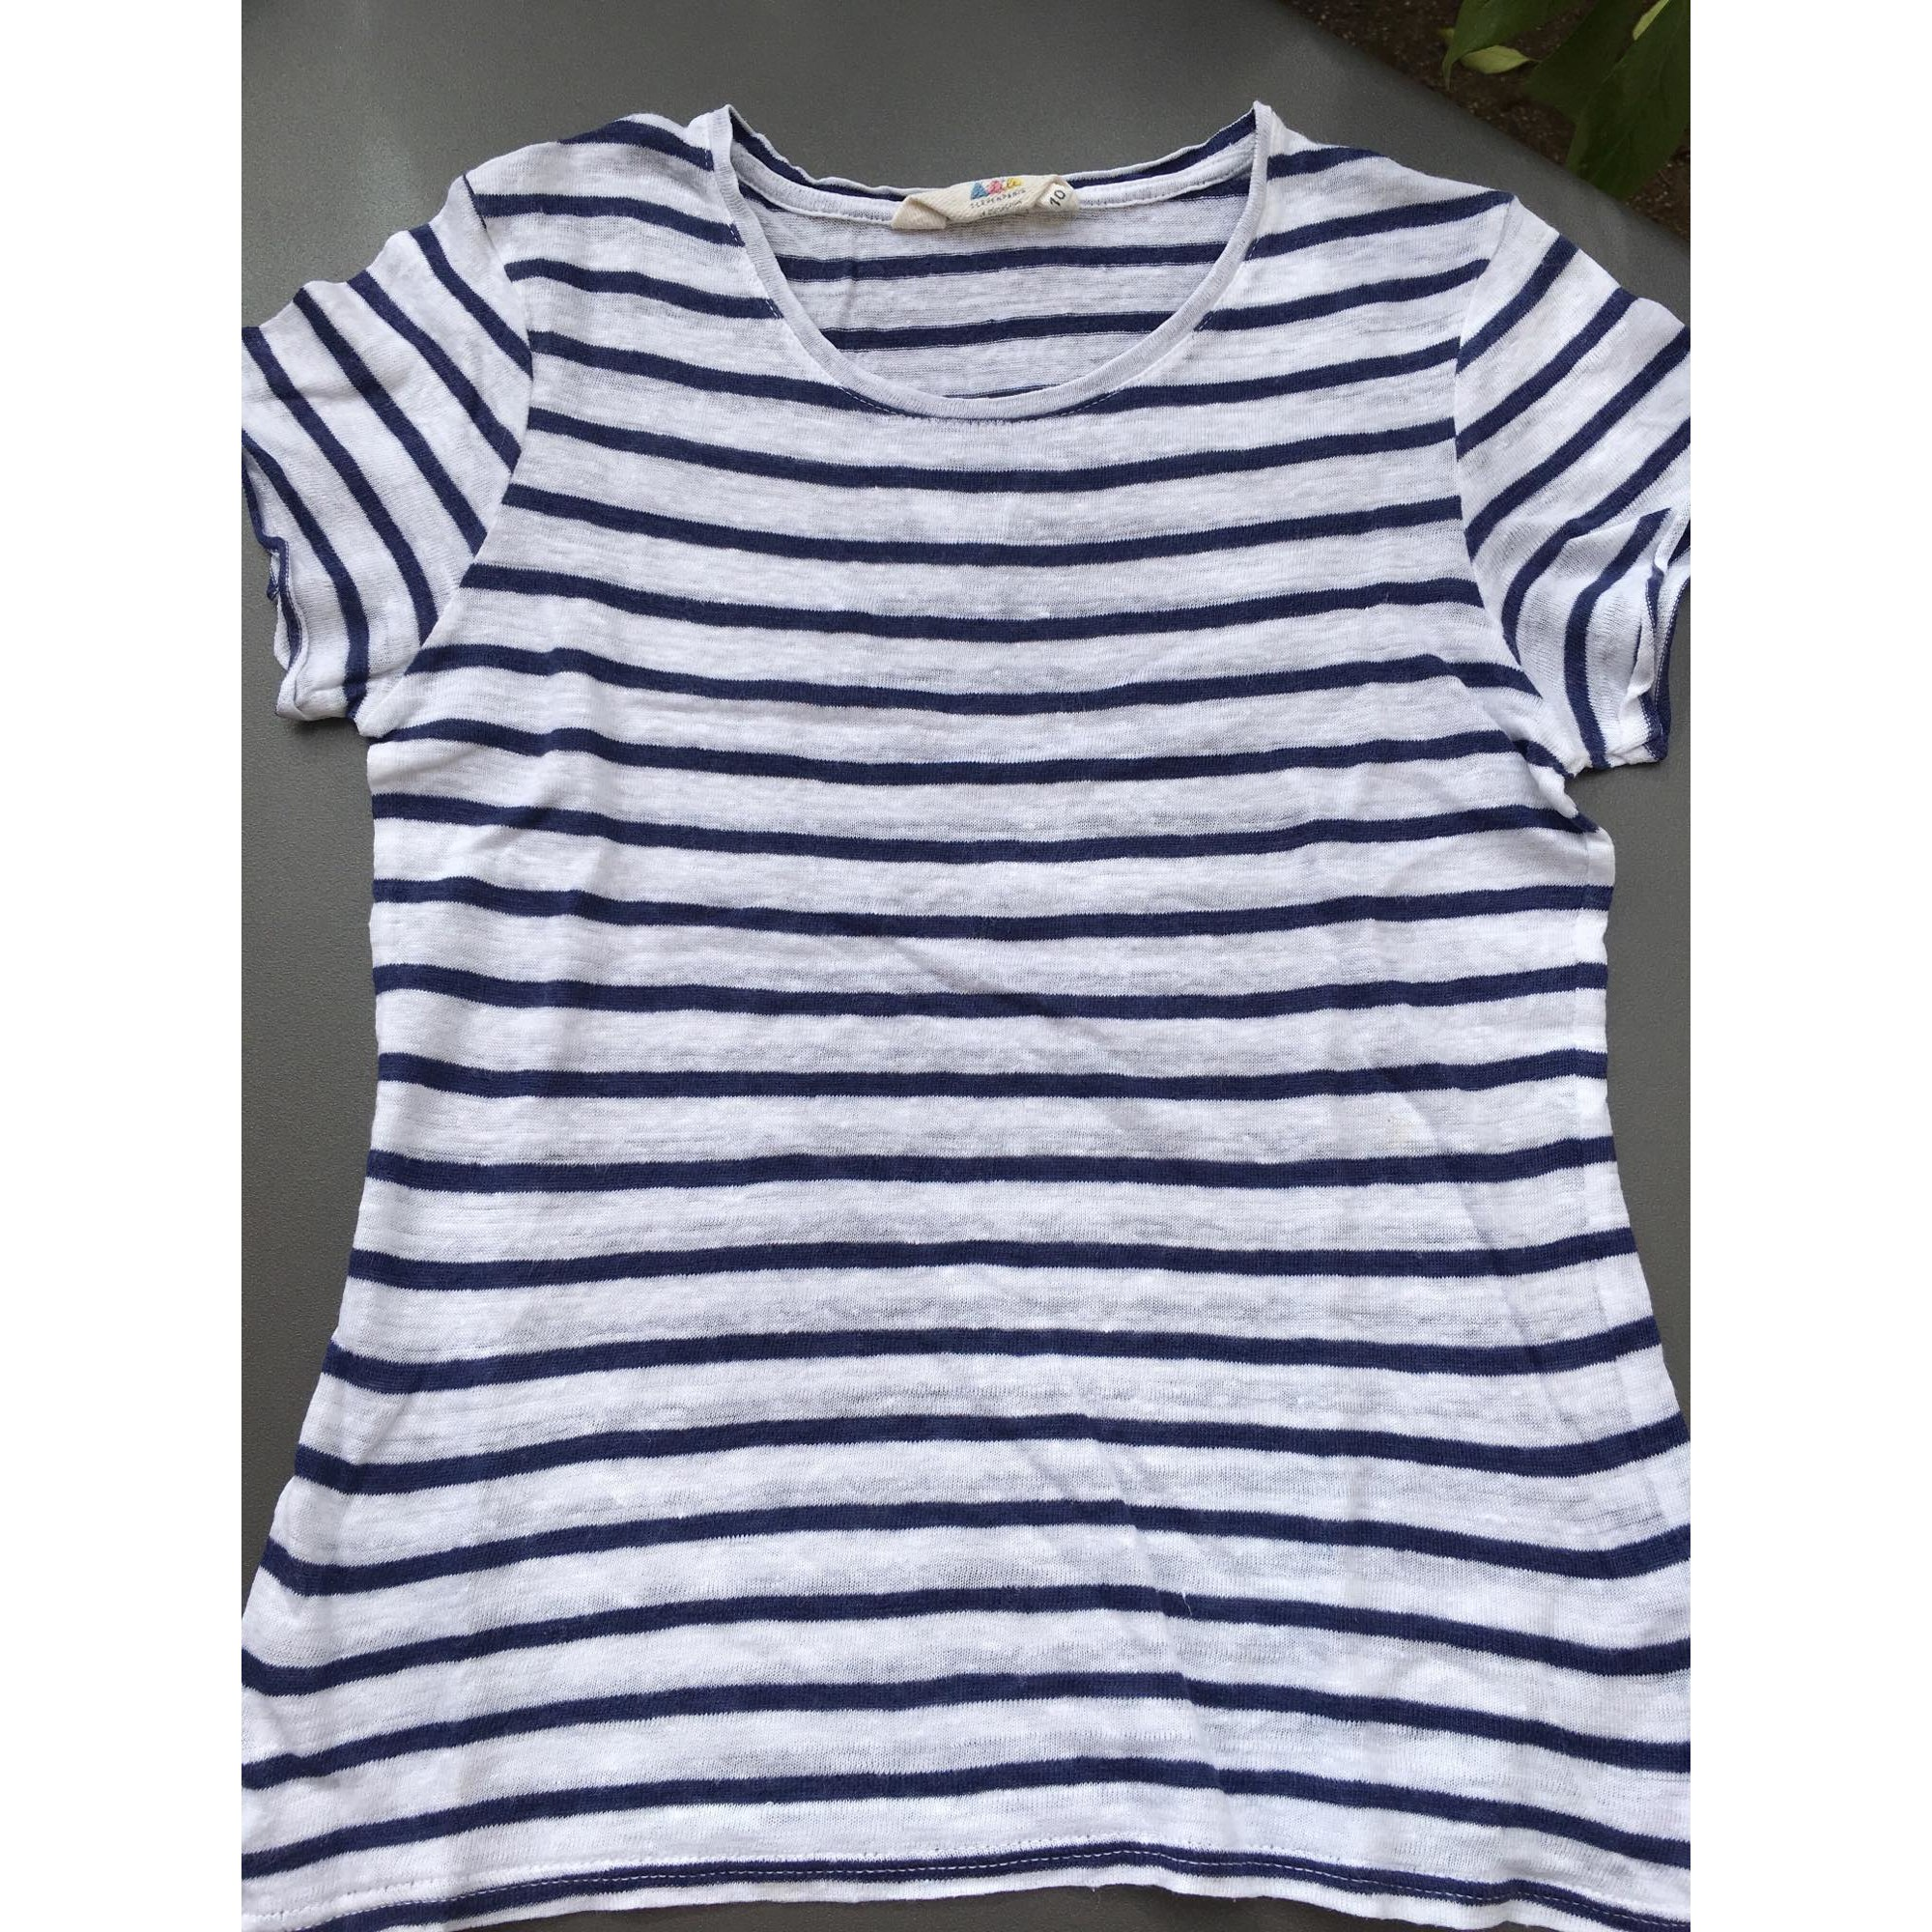 Ans Shirt Bleu Et Little Blanc 7605527 10 9 Tee Paris Eleven Top Raye 0qw15U